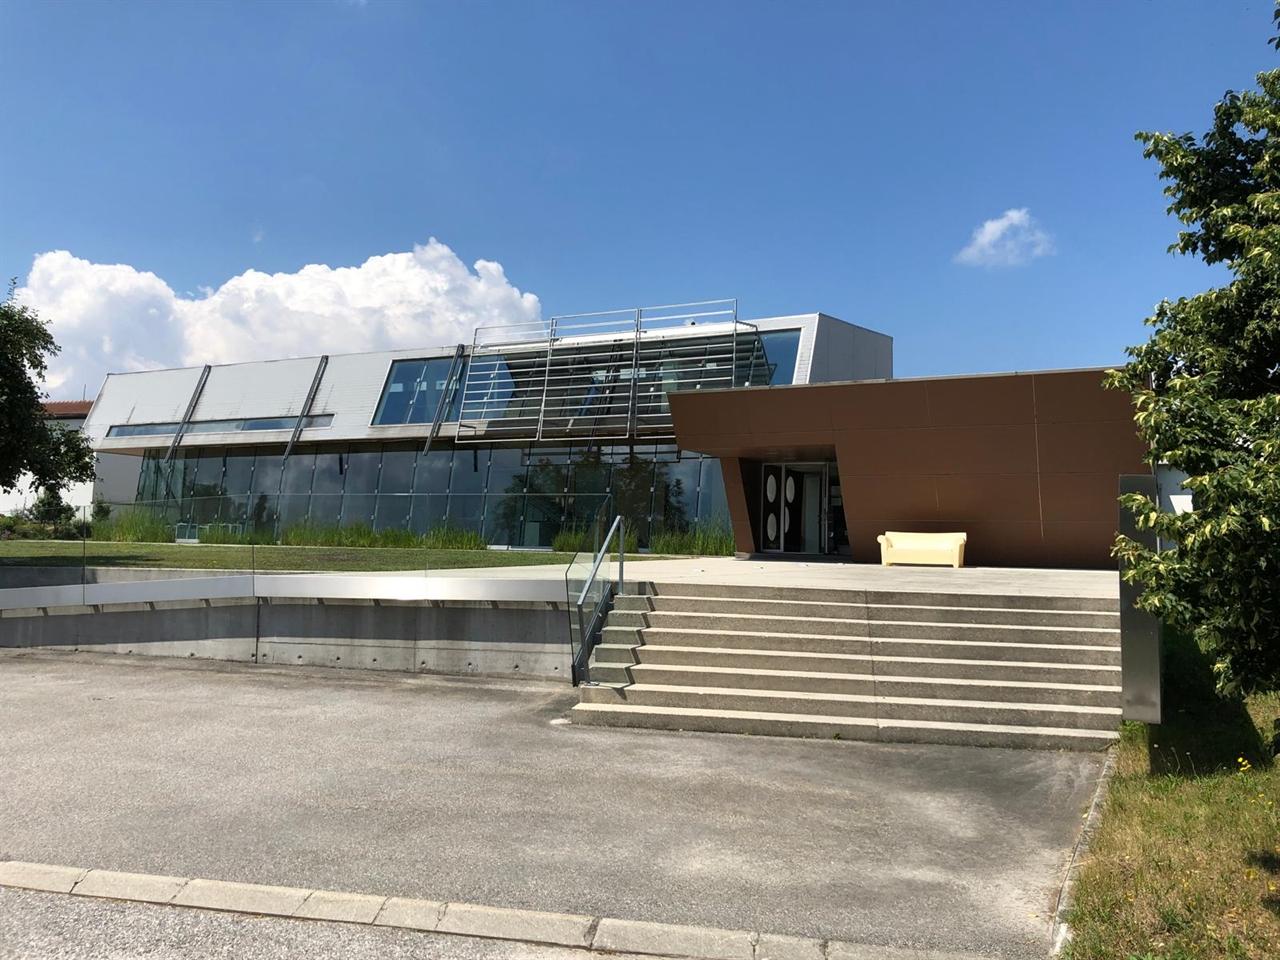 Stadt Pub - Stadtgemeinde Zwettl - Niedersterreich - Startseite